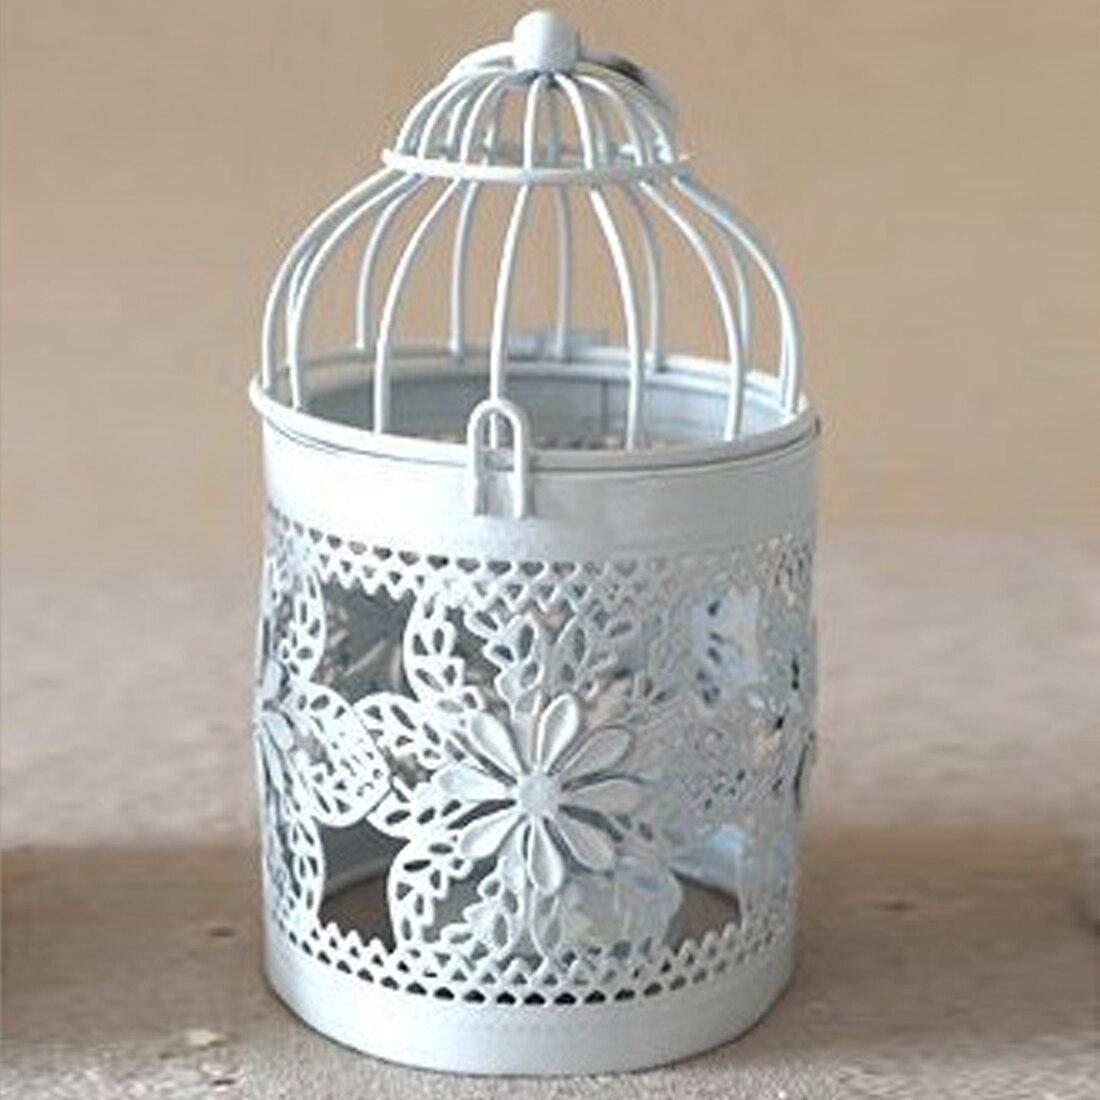 Wohnkultur Brieftaschen Und Halter Kreative Candelabros Hohl Hängenden Vogelkäfig Kerzenhalter Kerzenhalter Laterne Braut Decor Vintage Leuchter Wohnkultur